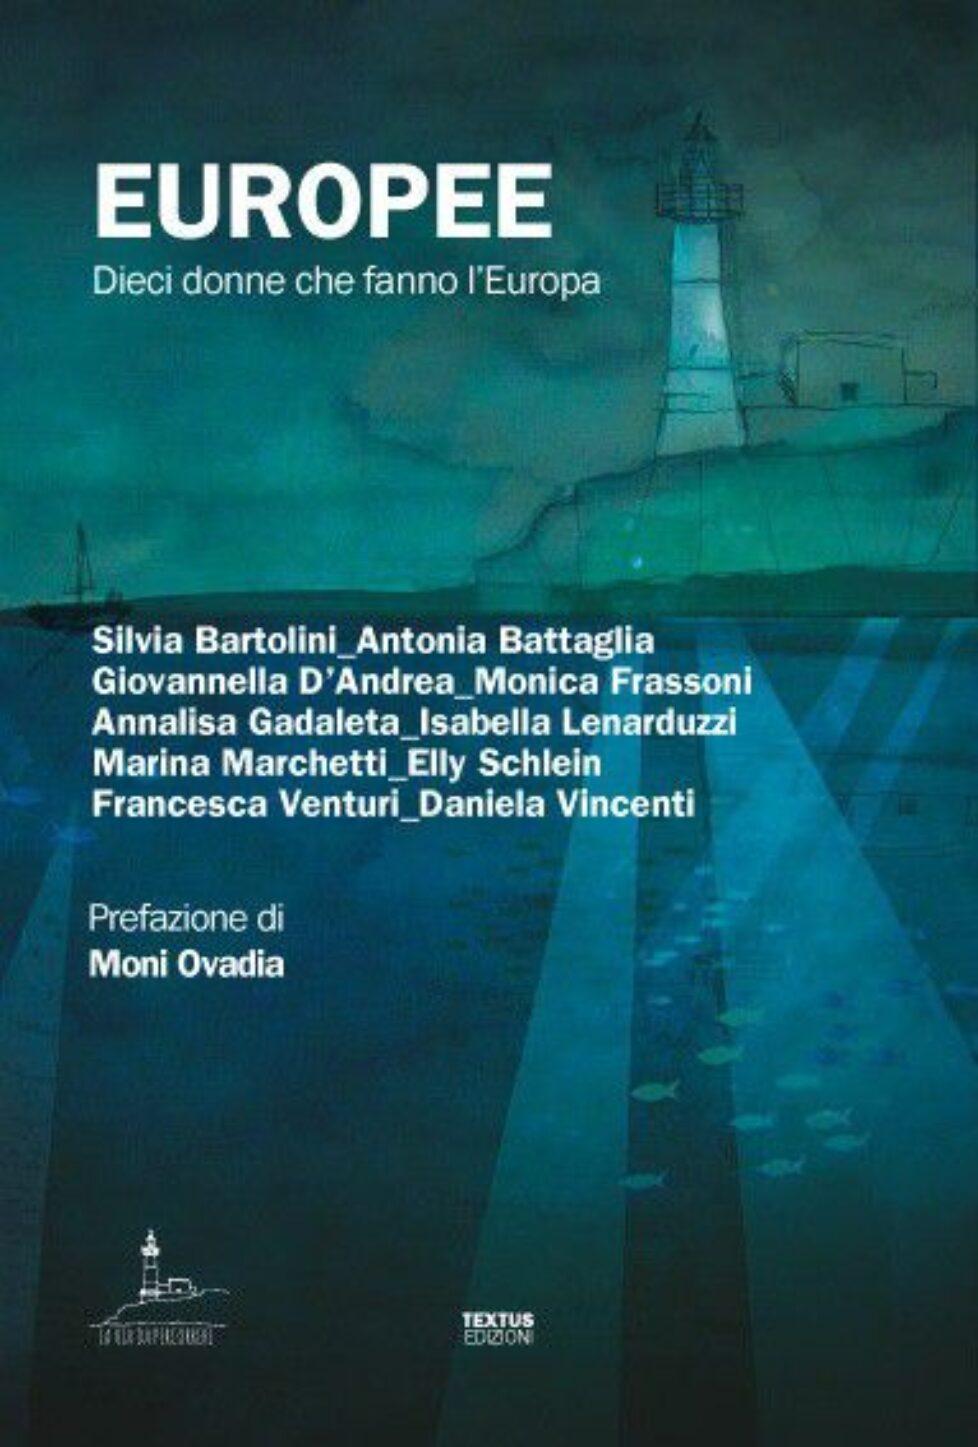 """Il futuro dell'Europa è nelle mani delle donne? In occasione della pubblicazione del libro """"Europee, dieci donne che fanno l'Europa"""""""